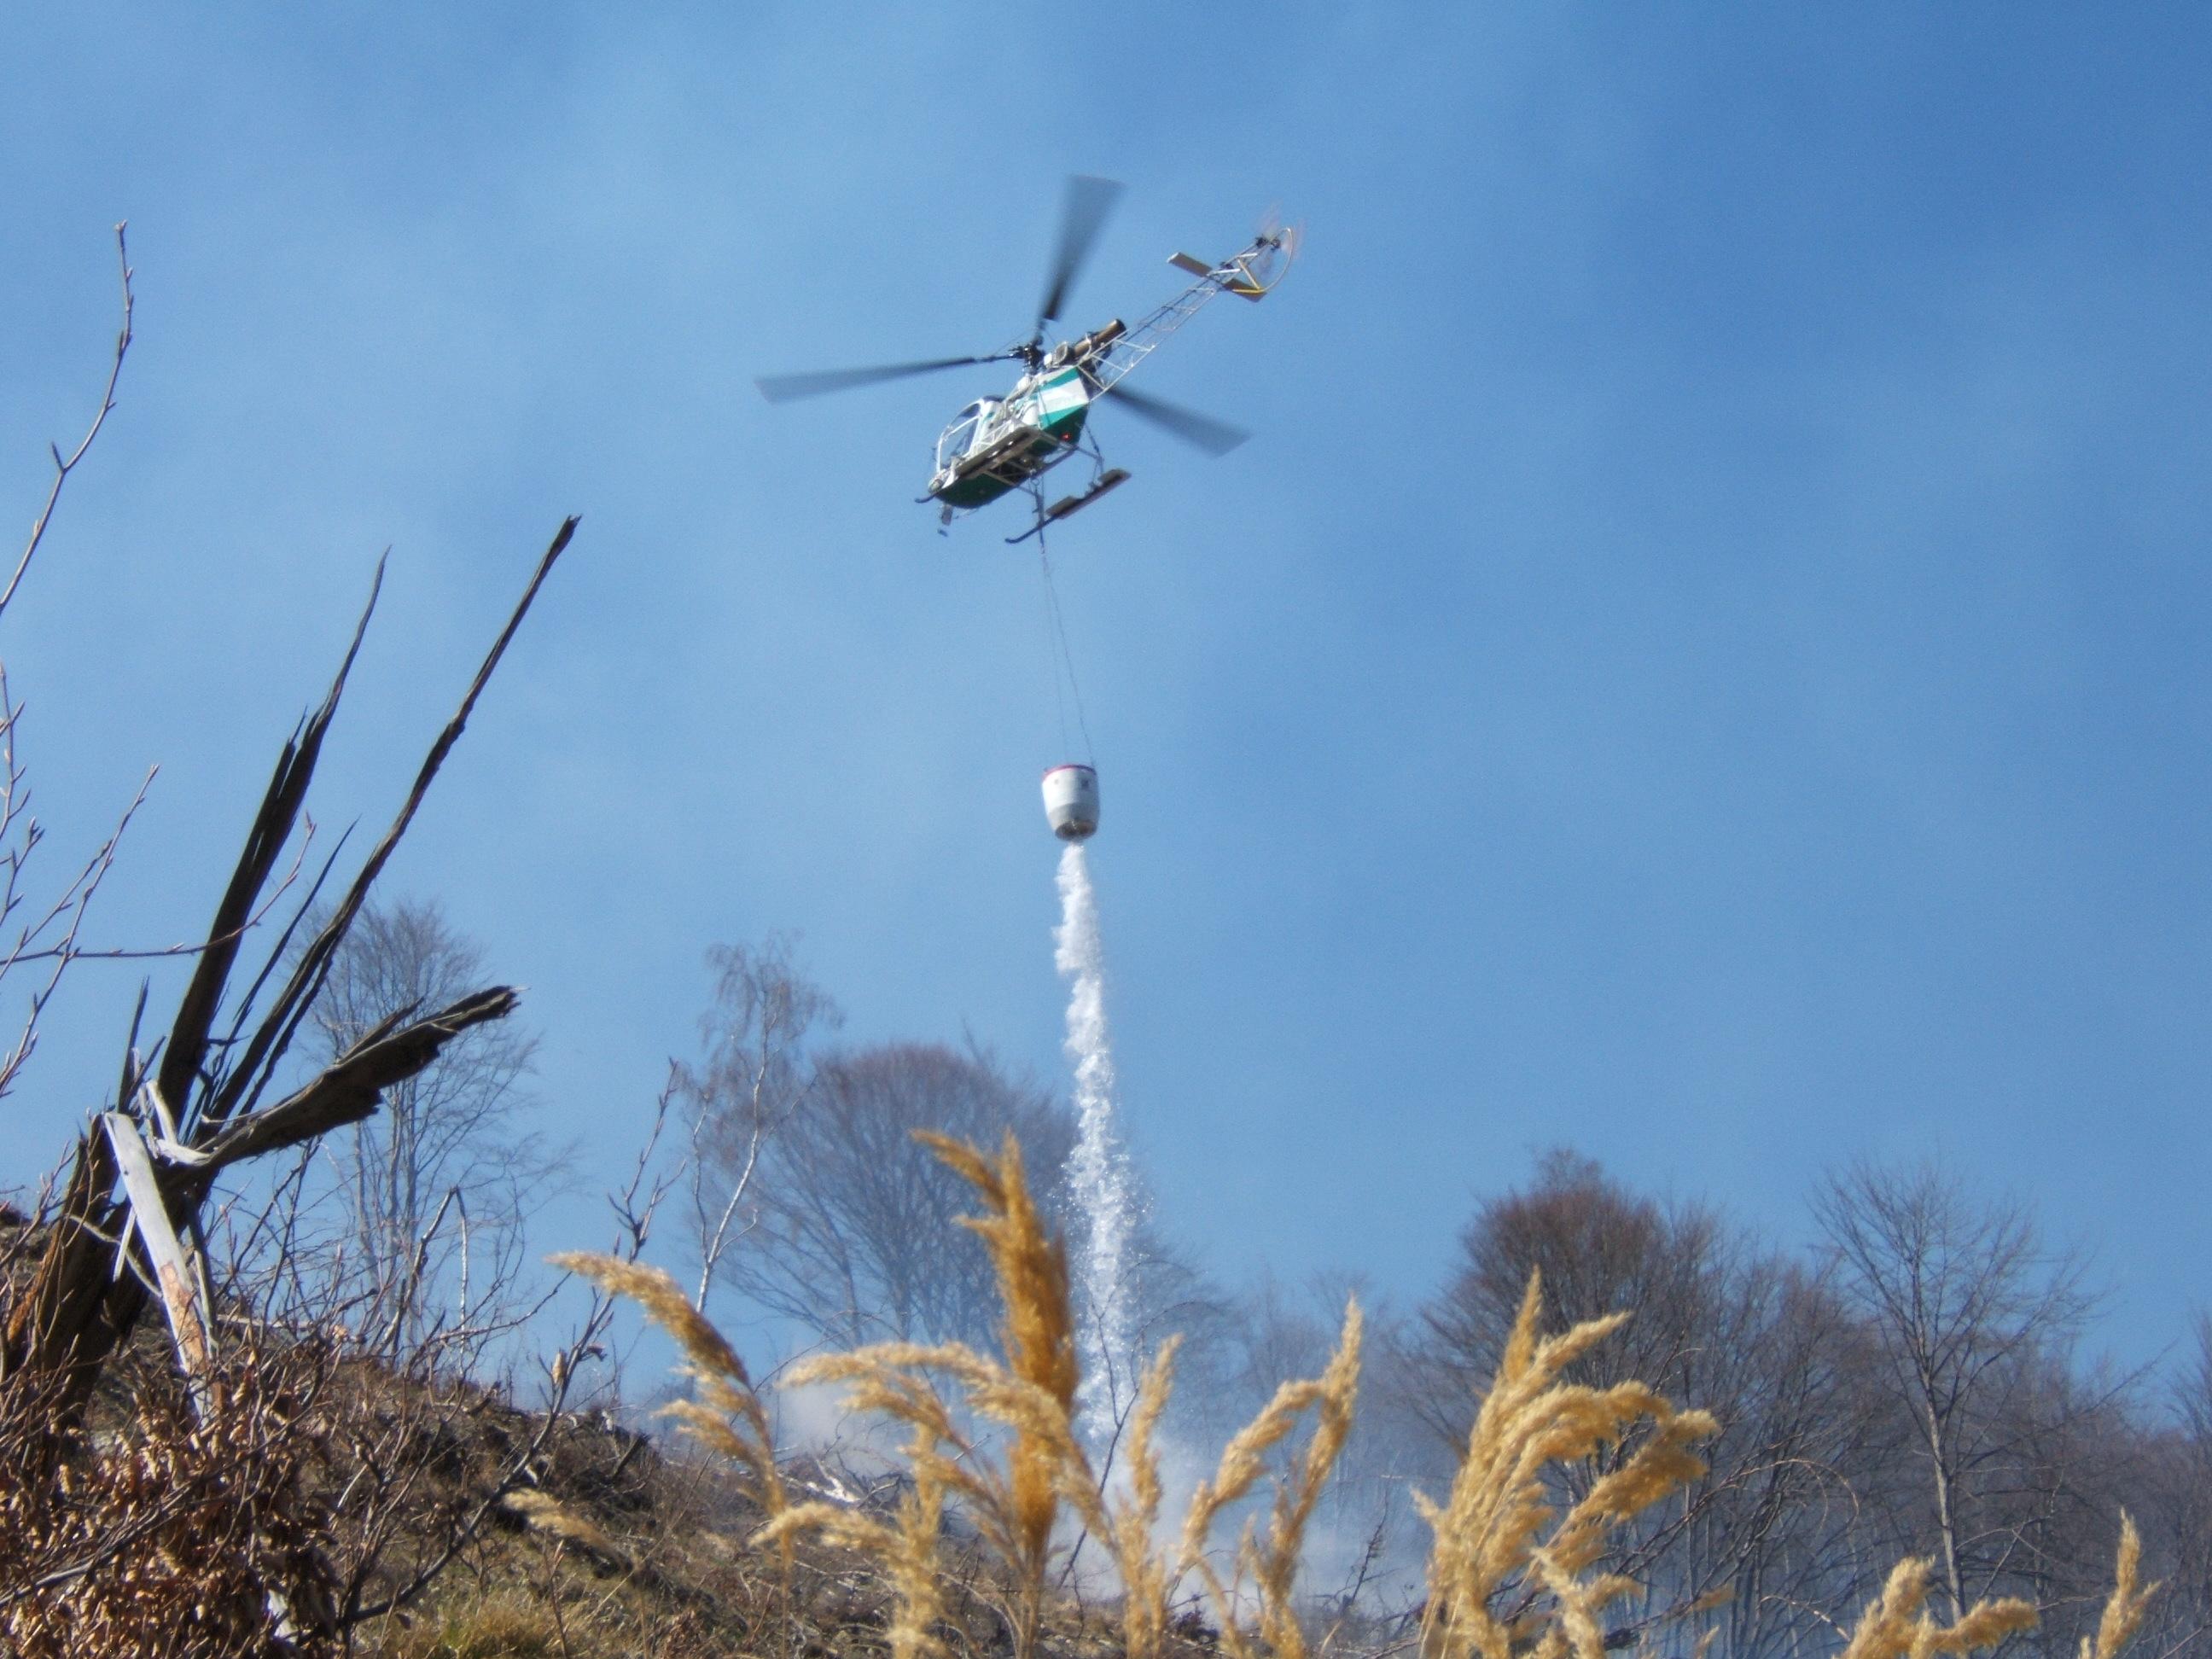 Decreto Massima Pericolosità incendi boschivi